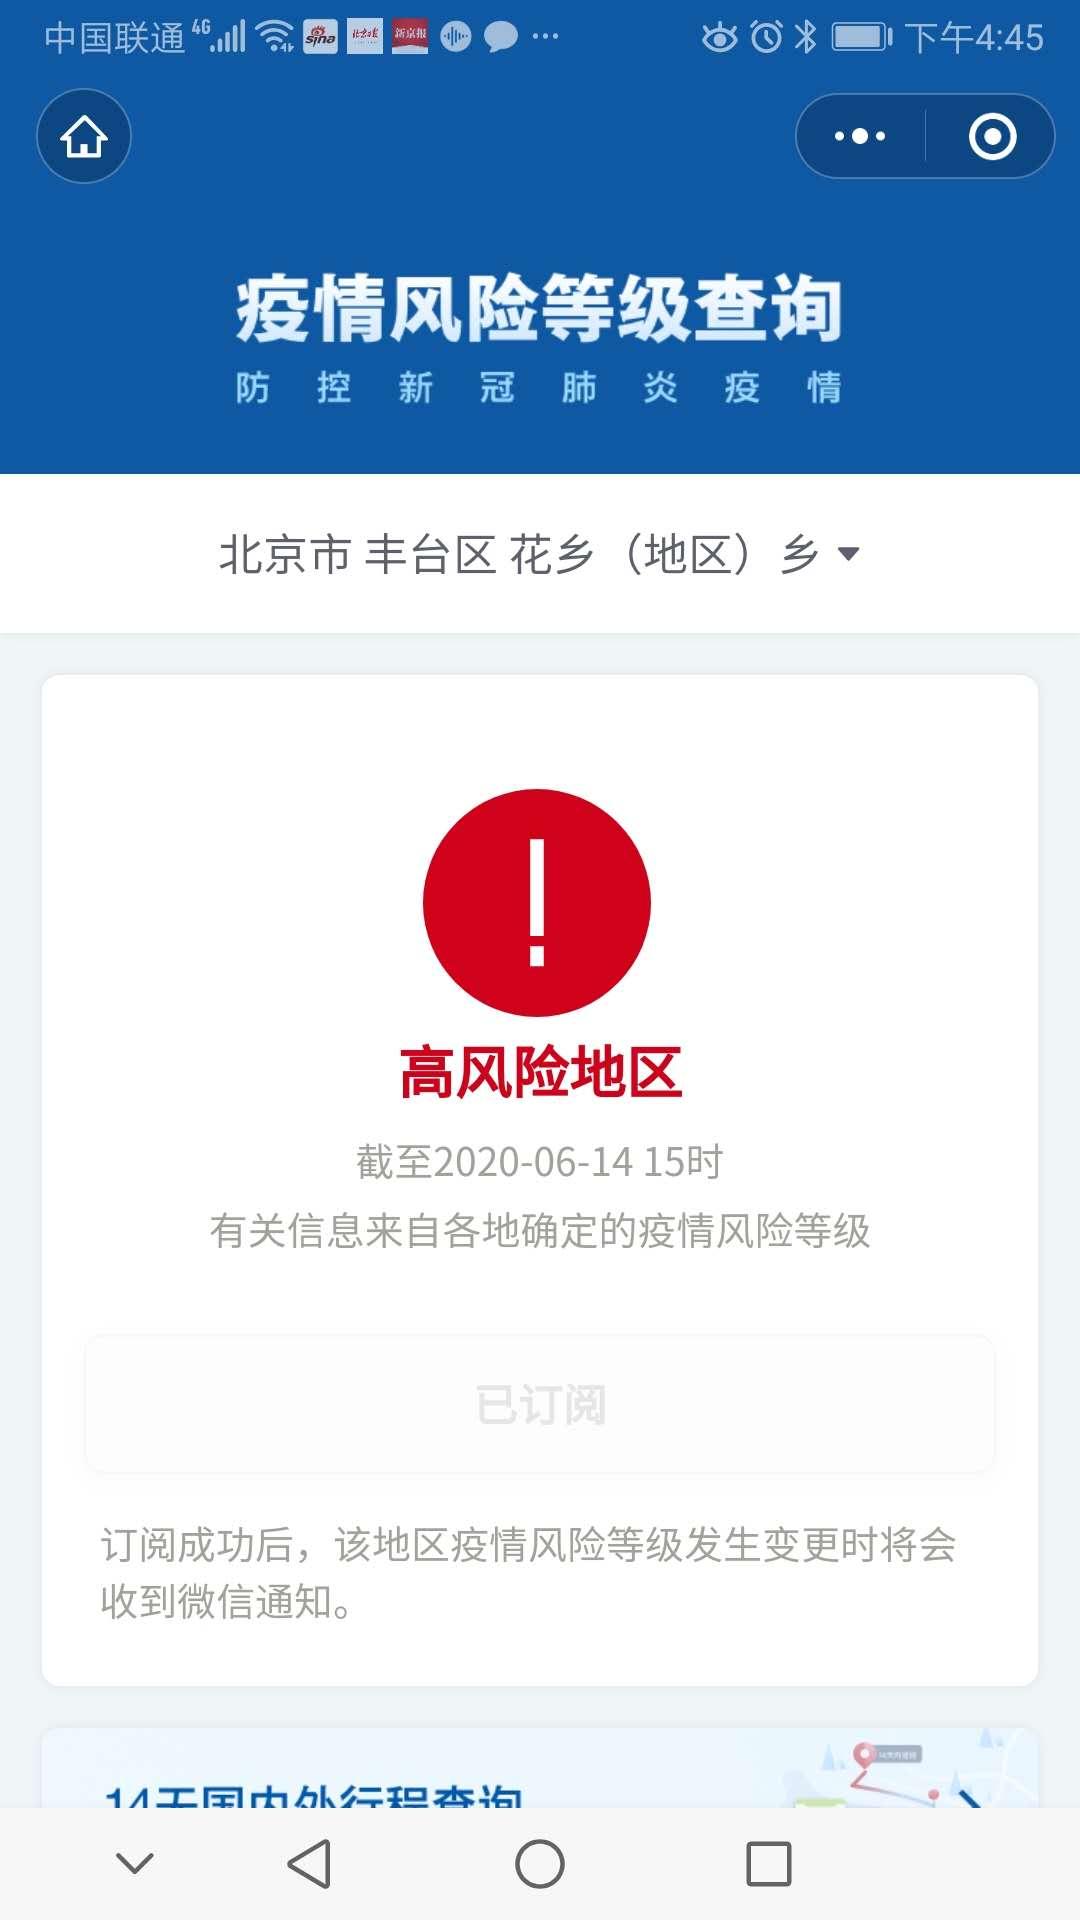 北京丰台花乡地区升级为疫情高风险地区天富,天富图片